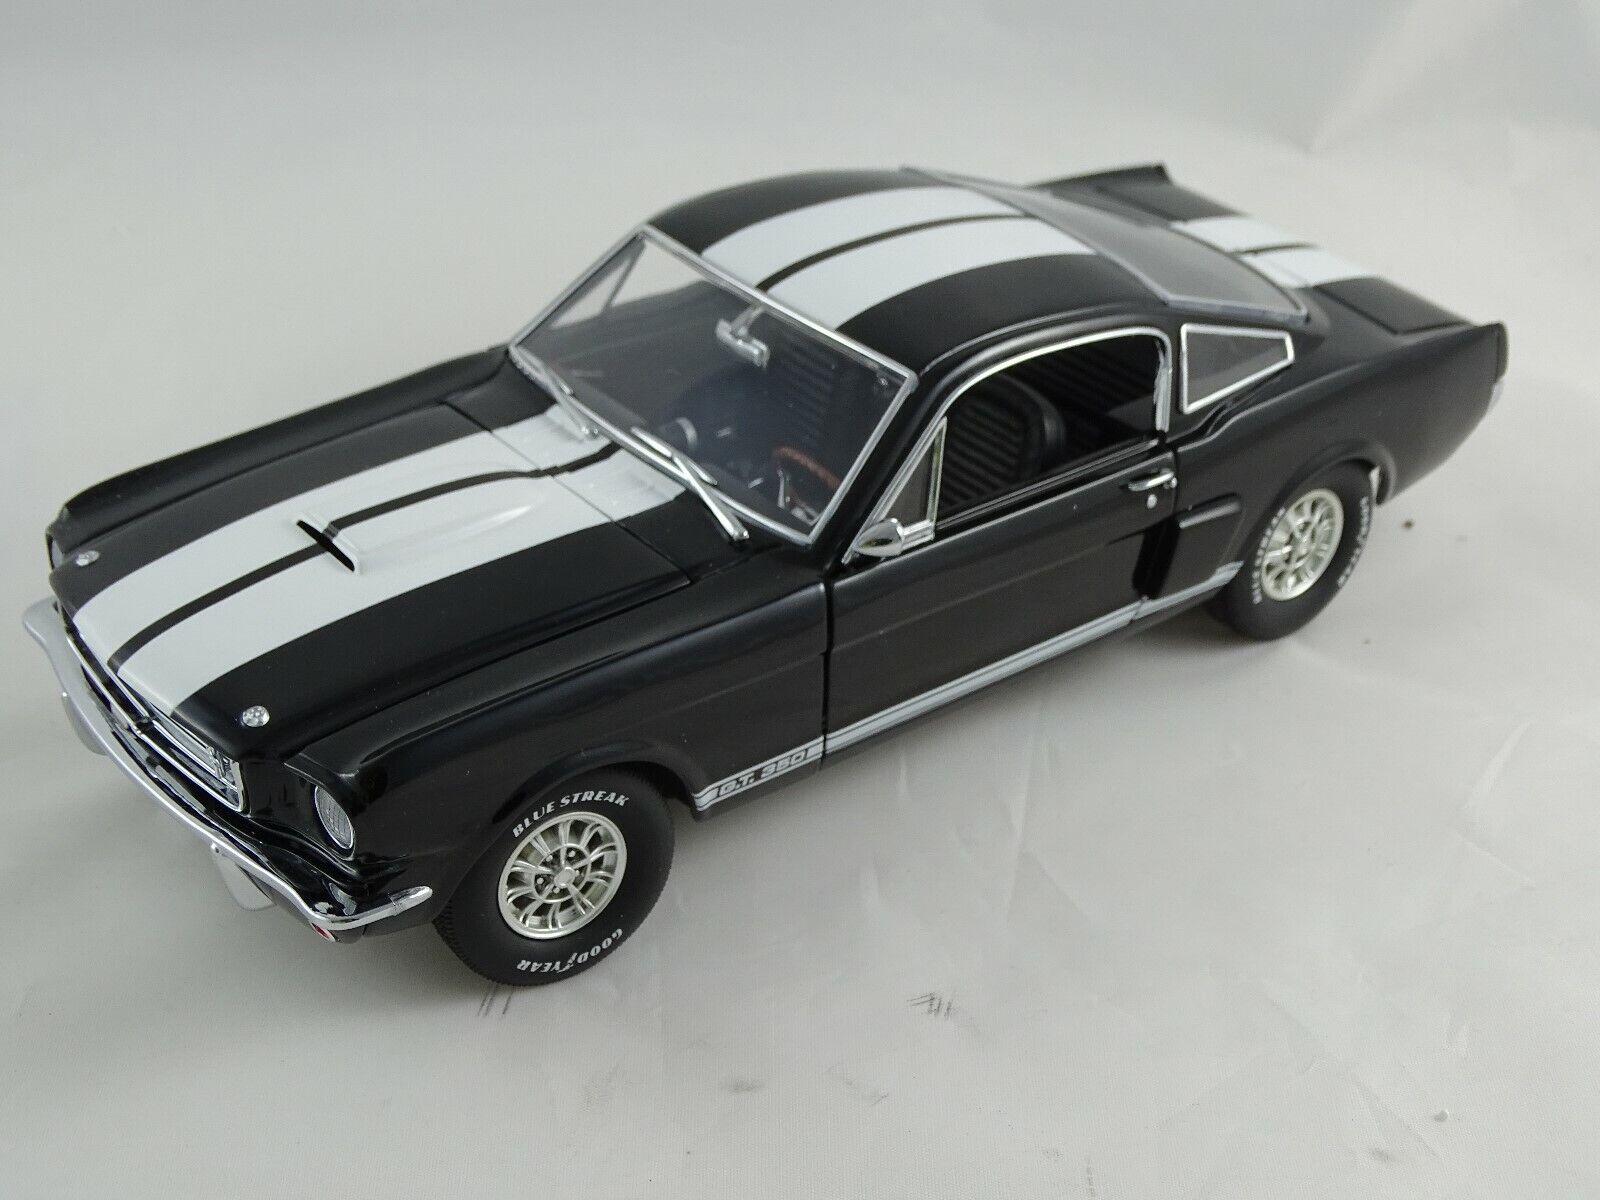 diseñador en linea 1   18 18 18 exacto detalle - 1966 Shelby G.T. 350 edición limitada negro nuevo   original box  punto de venta de la marca